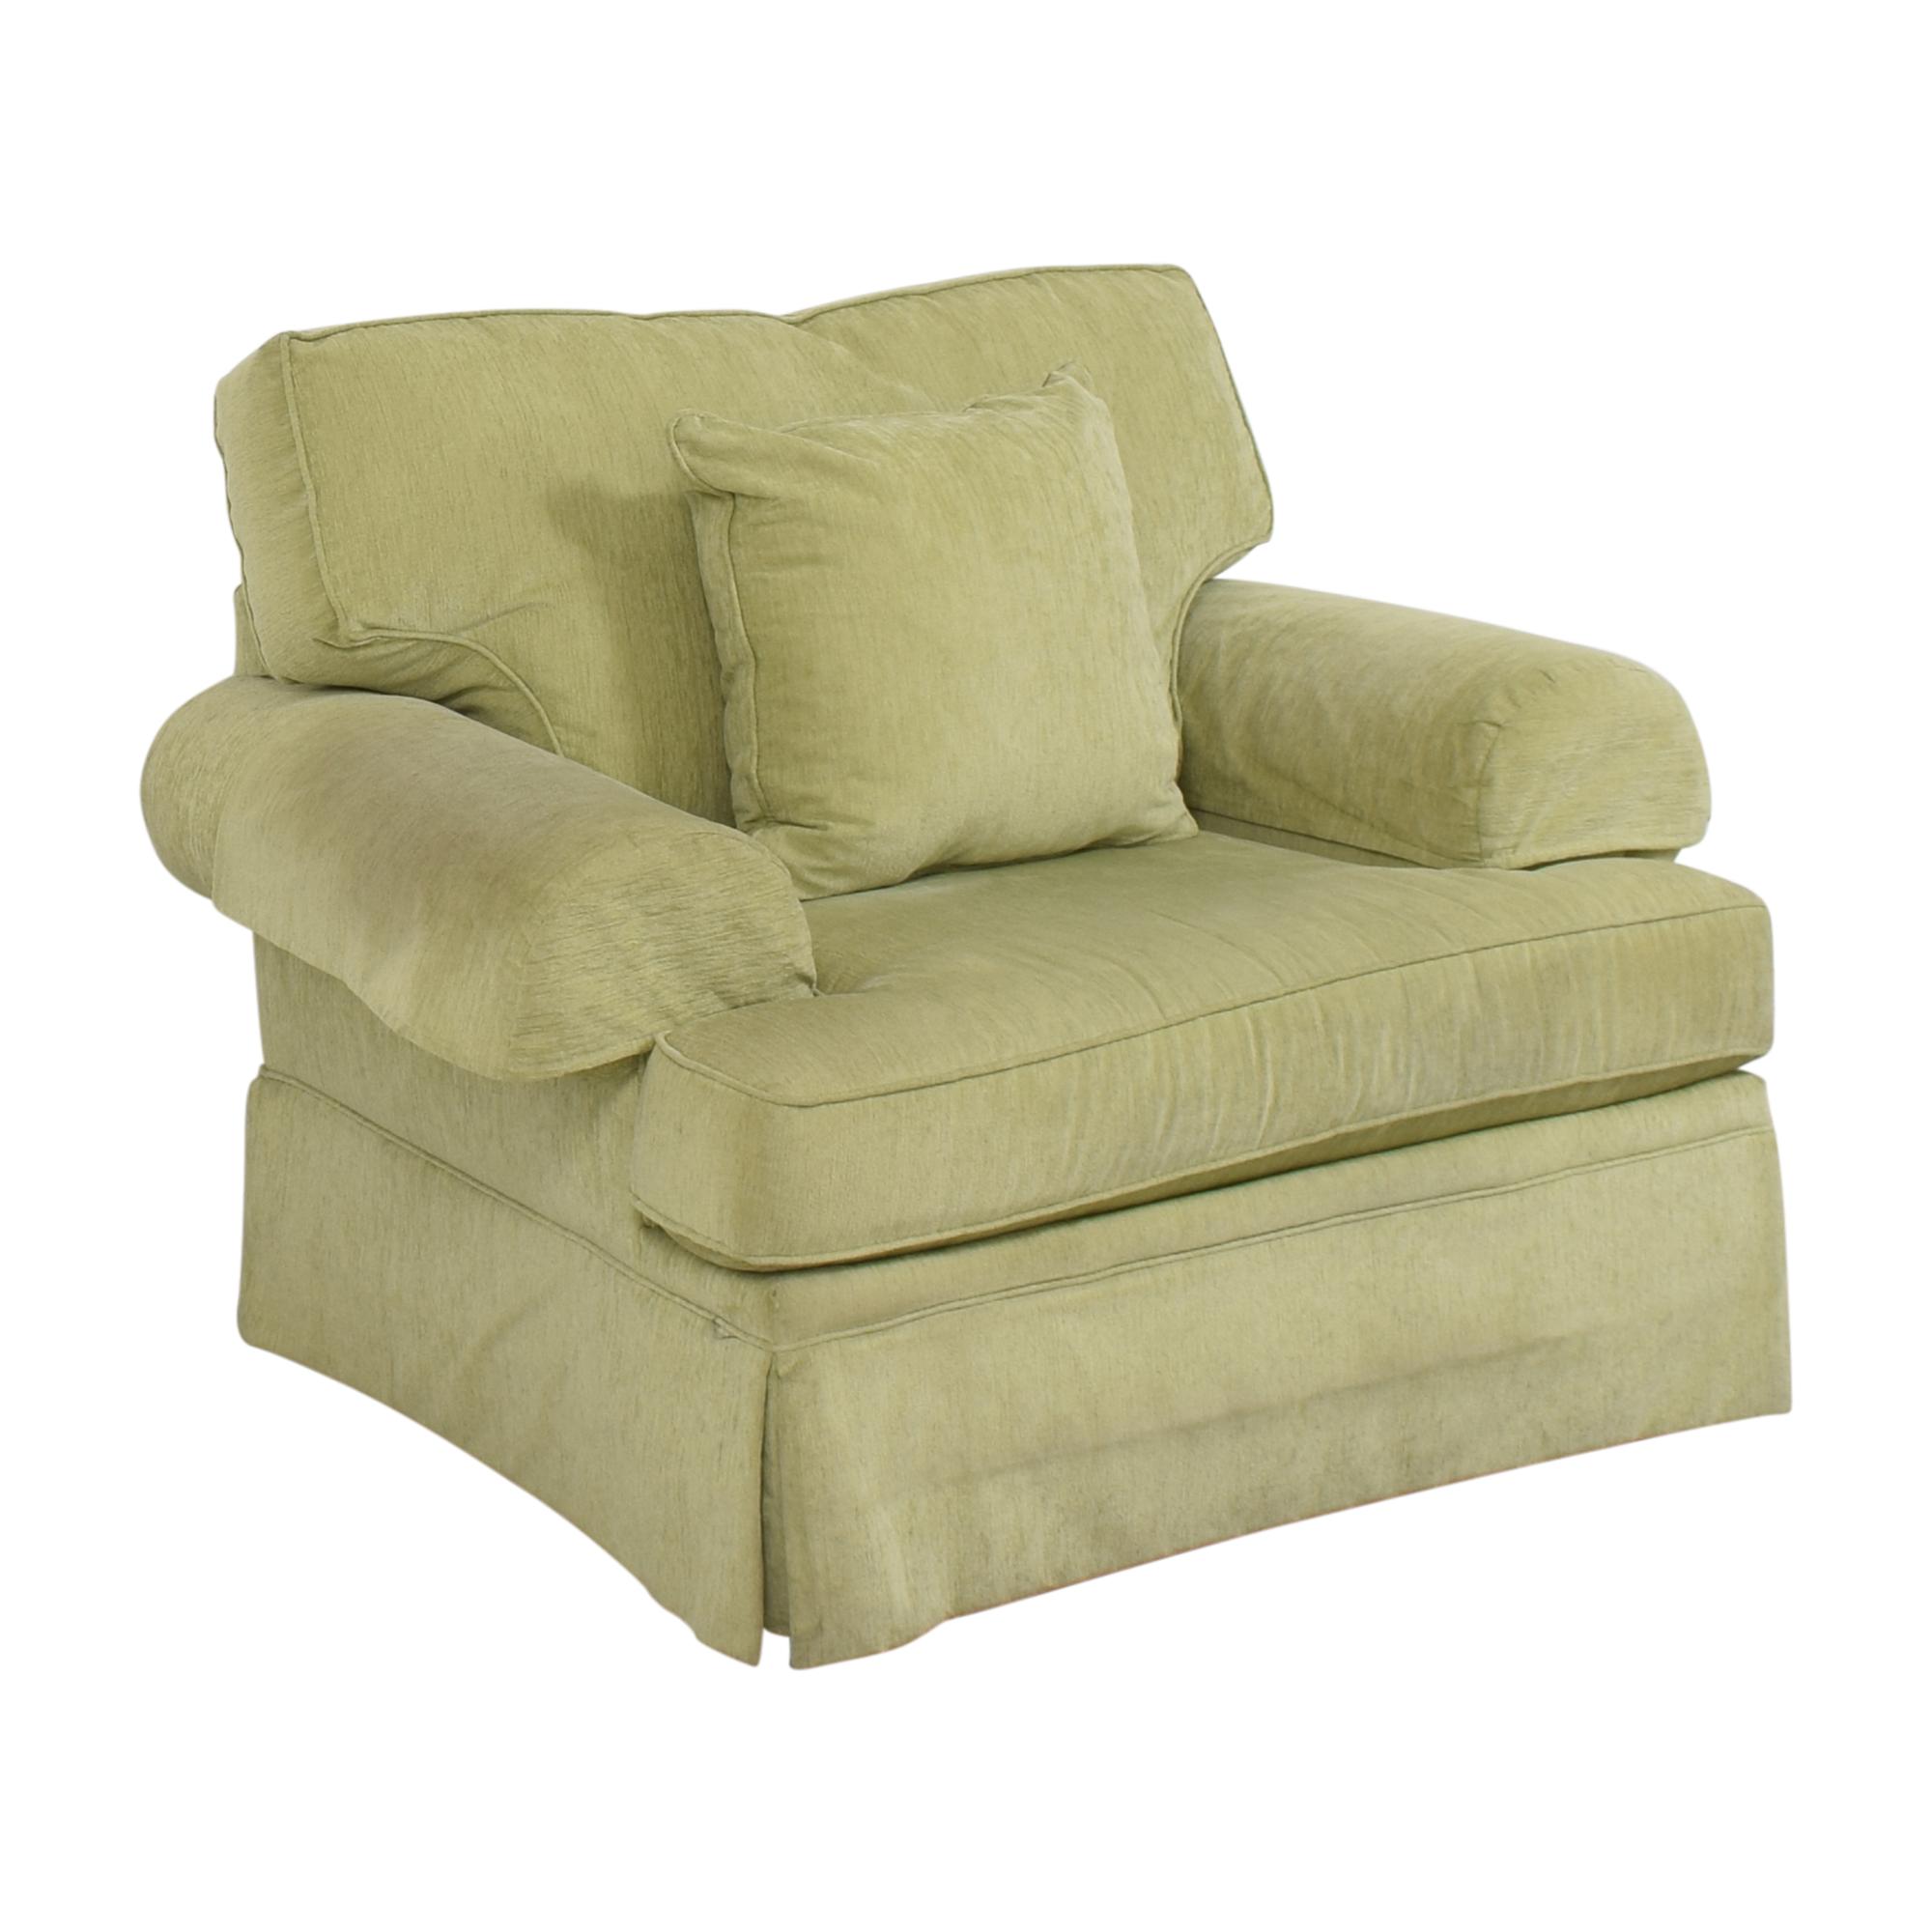 Flexsteel Flexsteel Skirted Chair and a Half pa